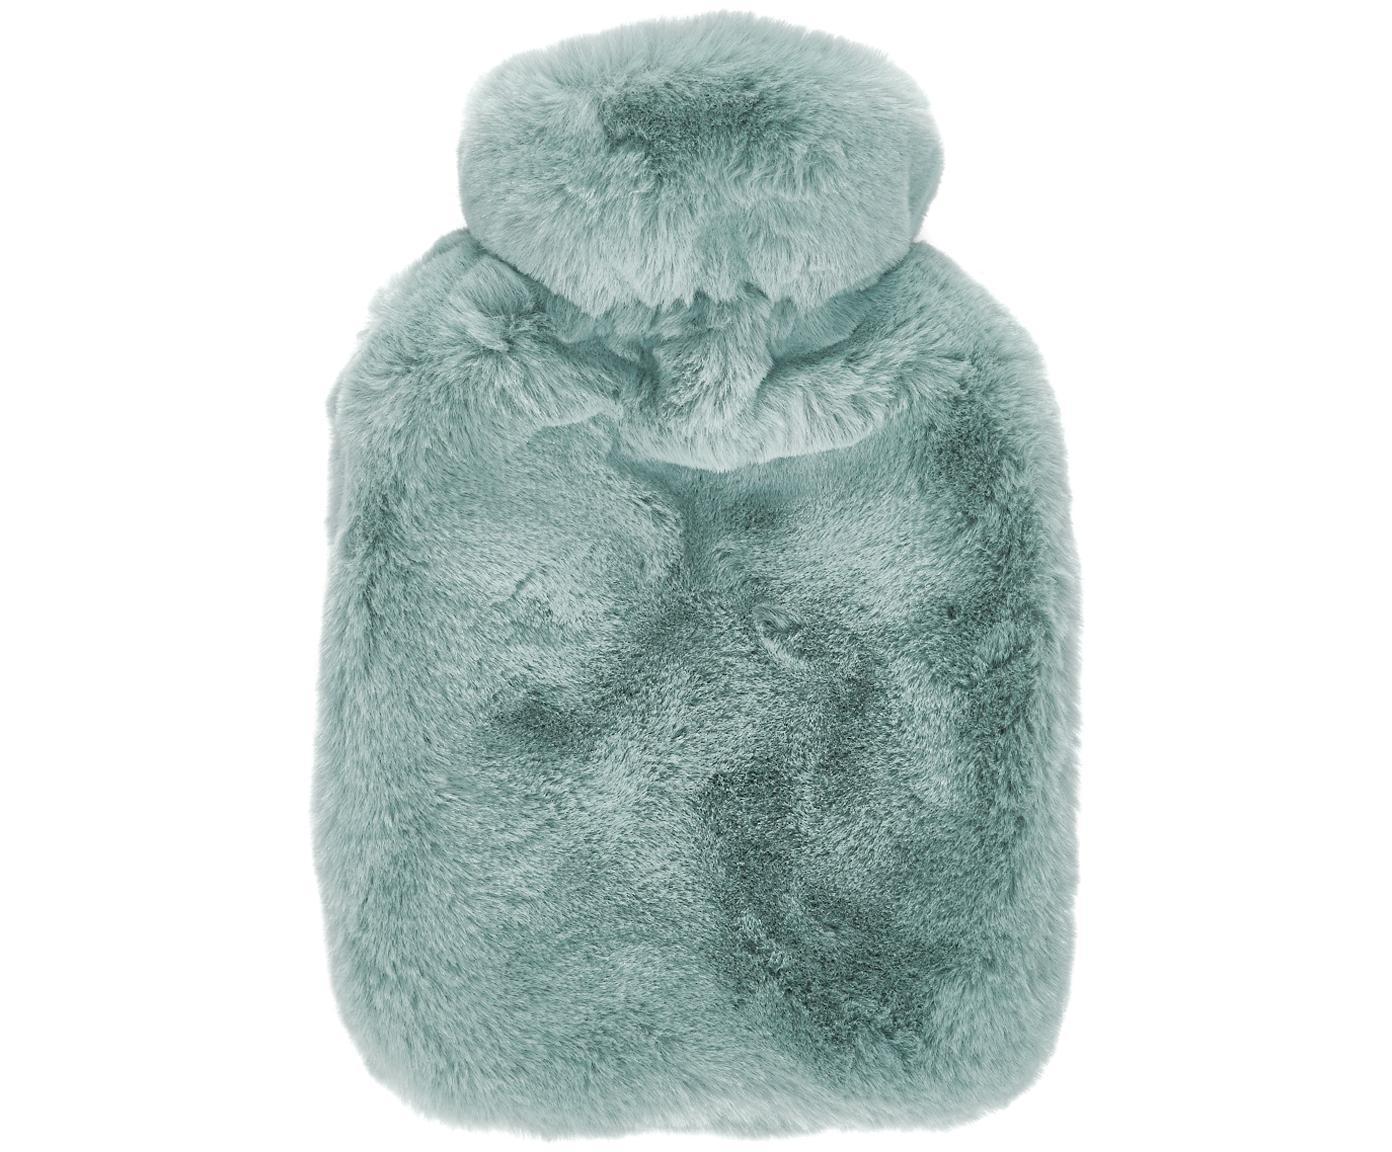 Borsa dell'acqua calda in pelliccia sintetica Mette, Rivestimento: 100% poliestere, Verde, Larg. 20 x Lung. 32 cm